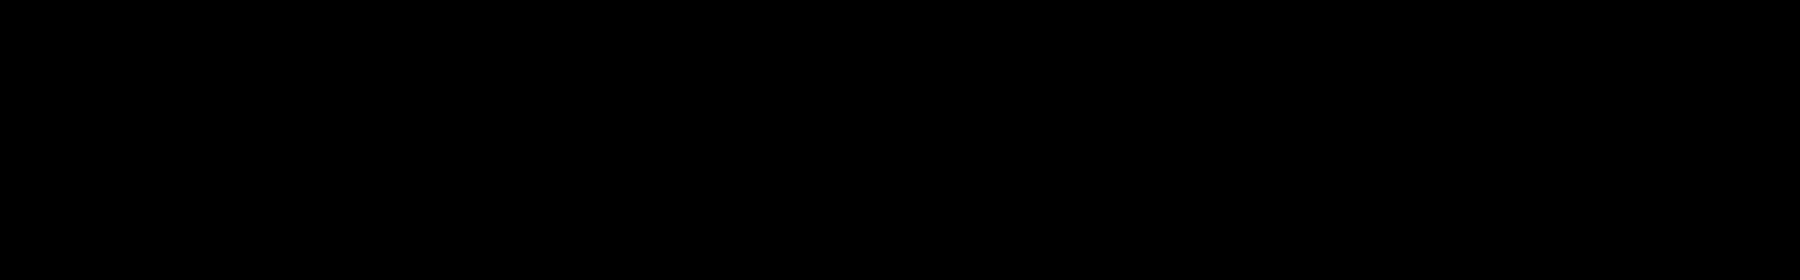 Uzi Wrld audio waveform